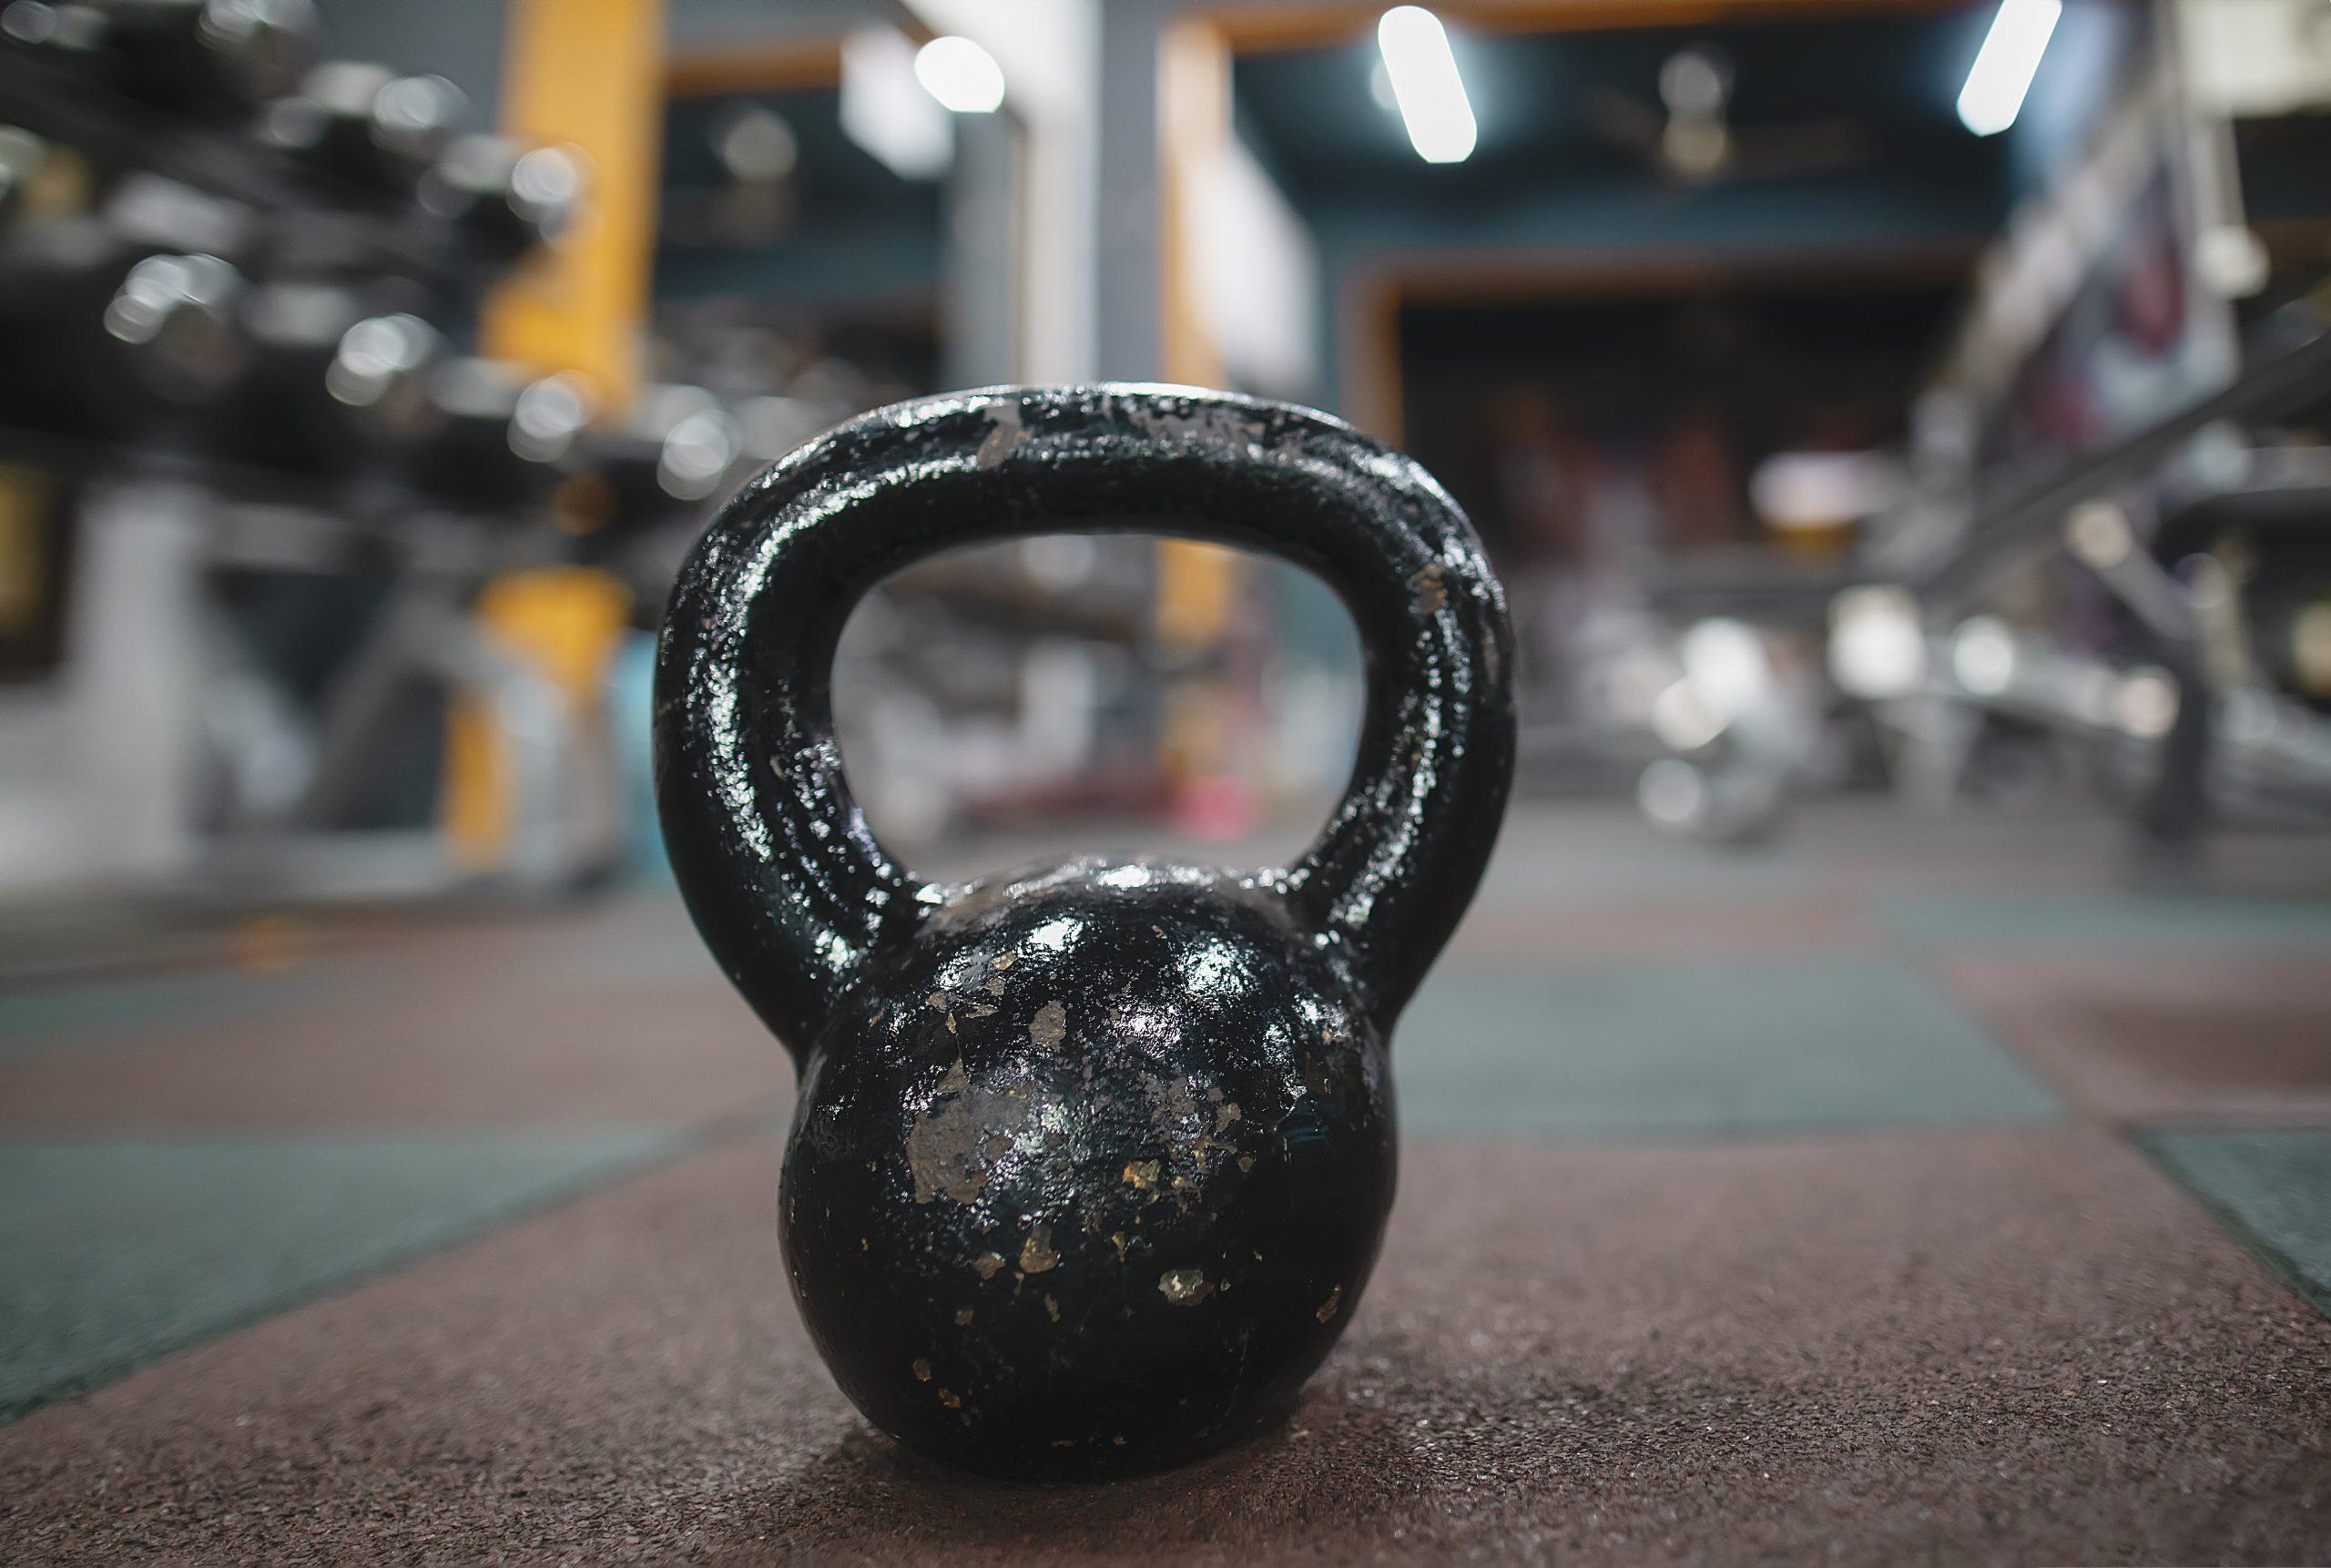 Kettle Bell for exercises